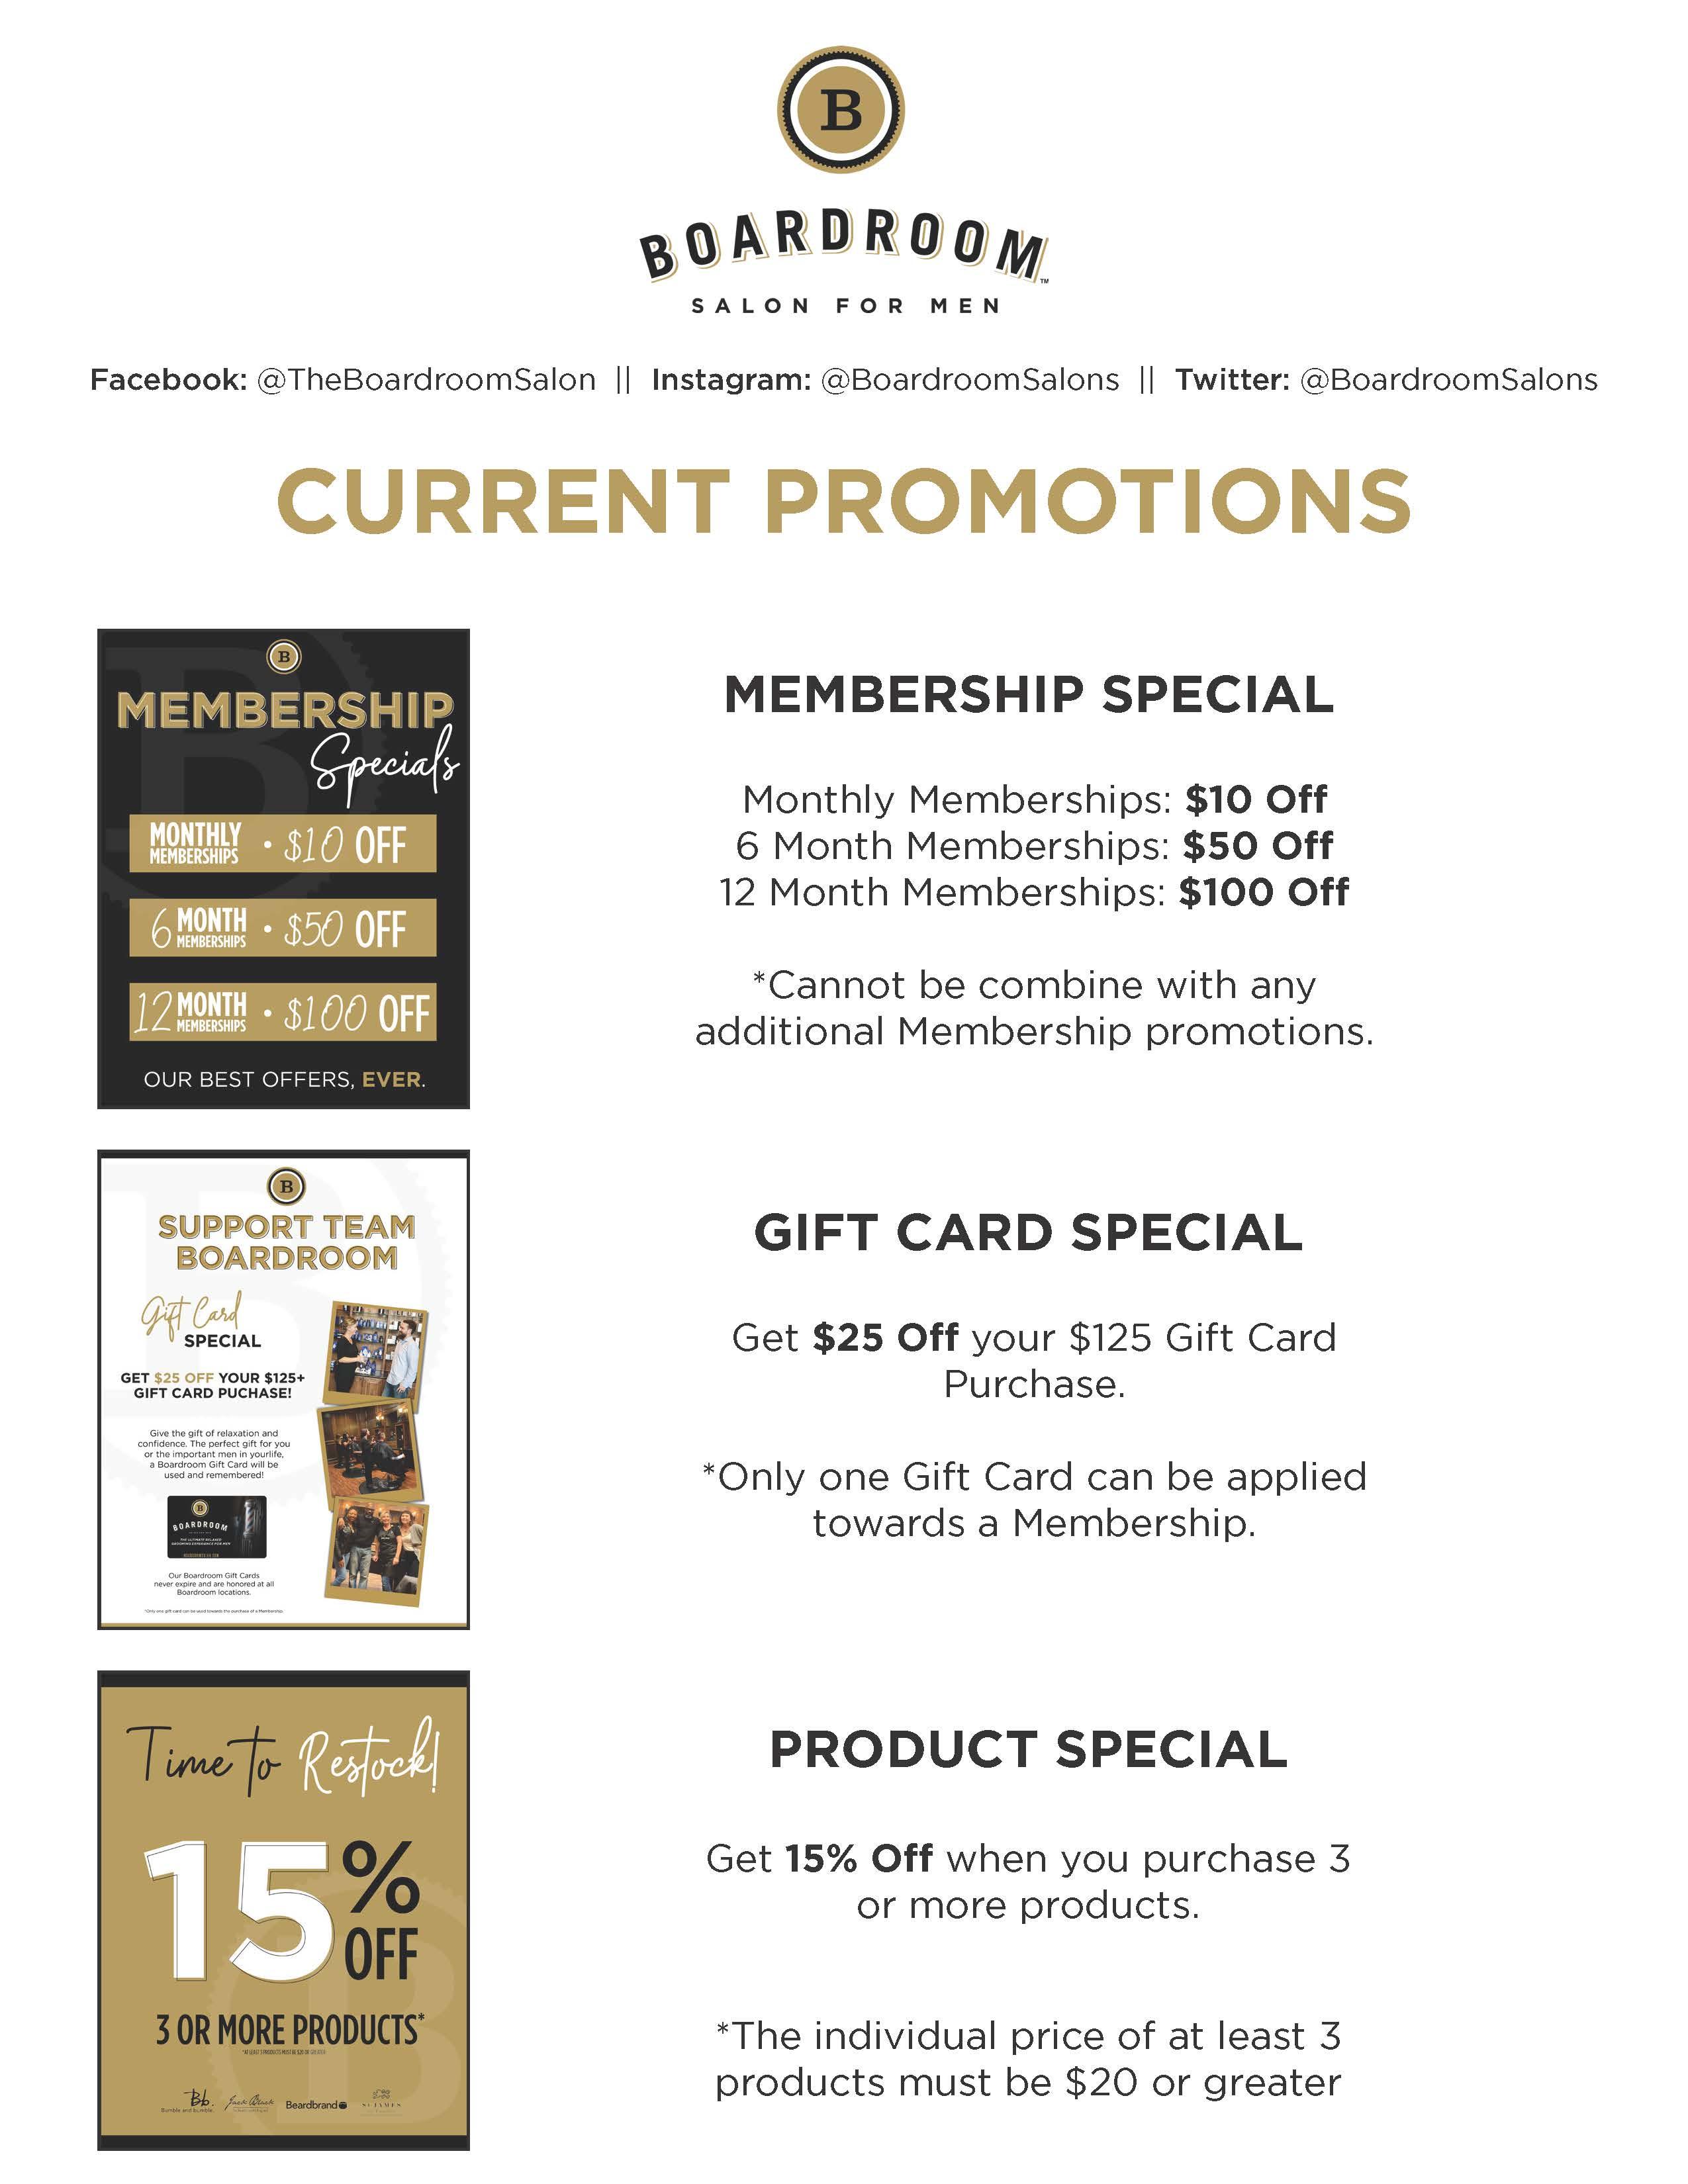 Membership Specials from Boardroom Salon for Men